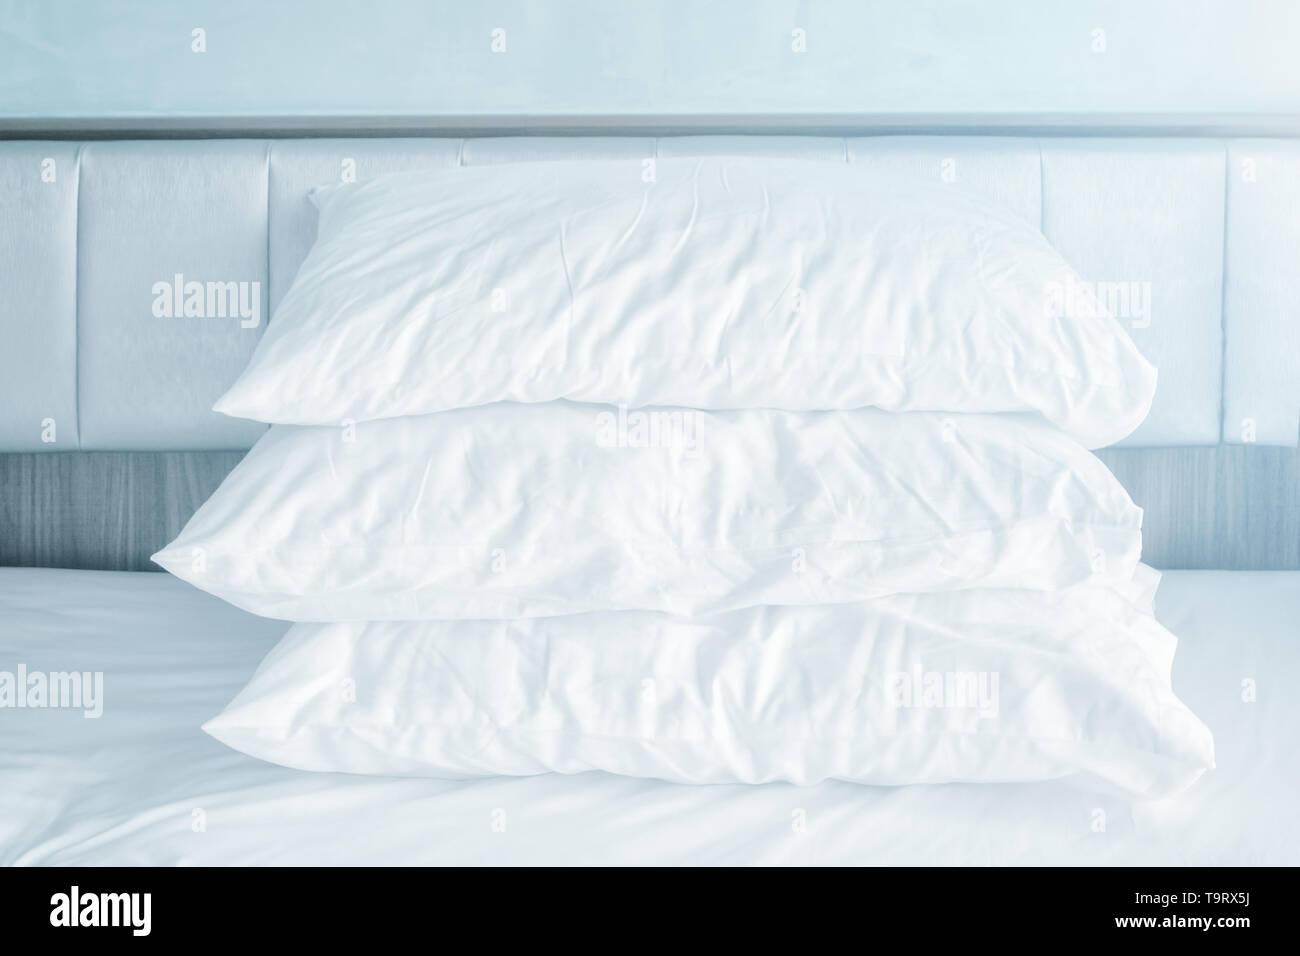 Comodi cuscini morbidi pila sulle bianche lenzuola nella moderna camera da letto Immagini Stock